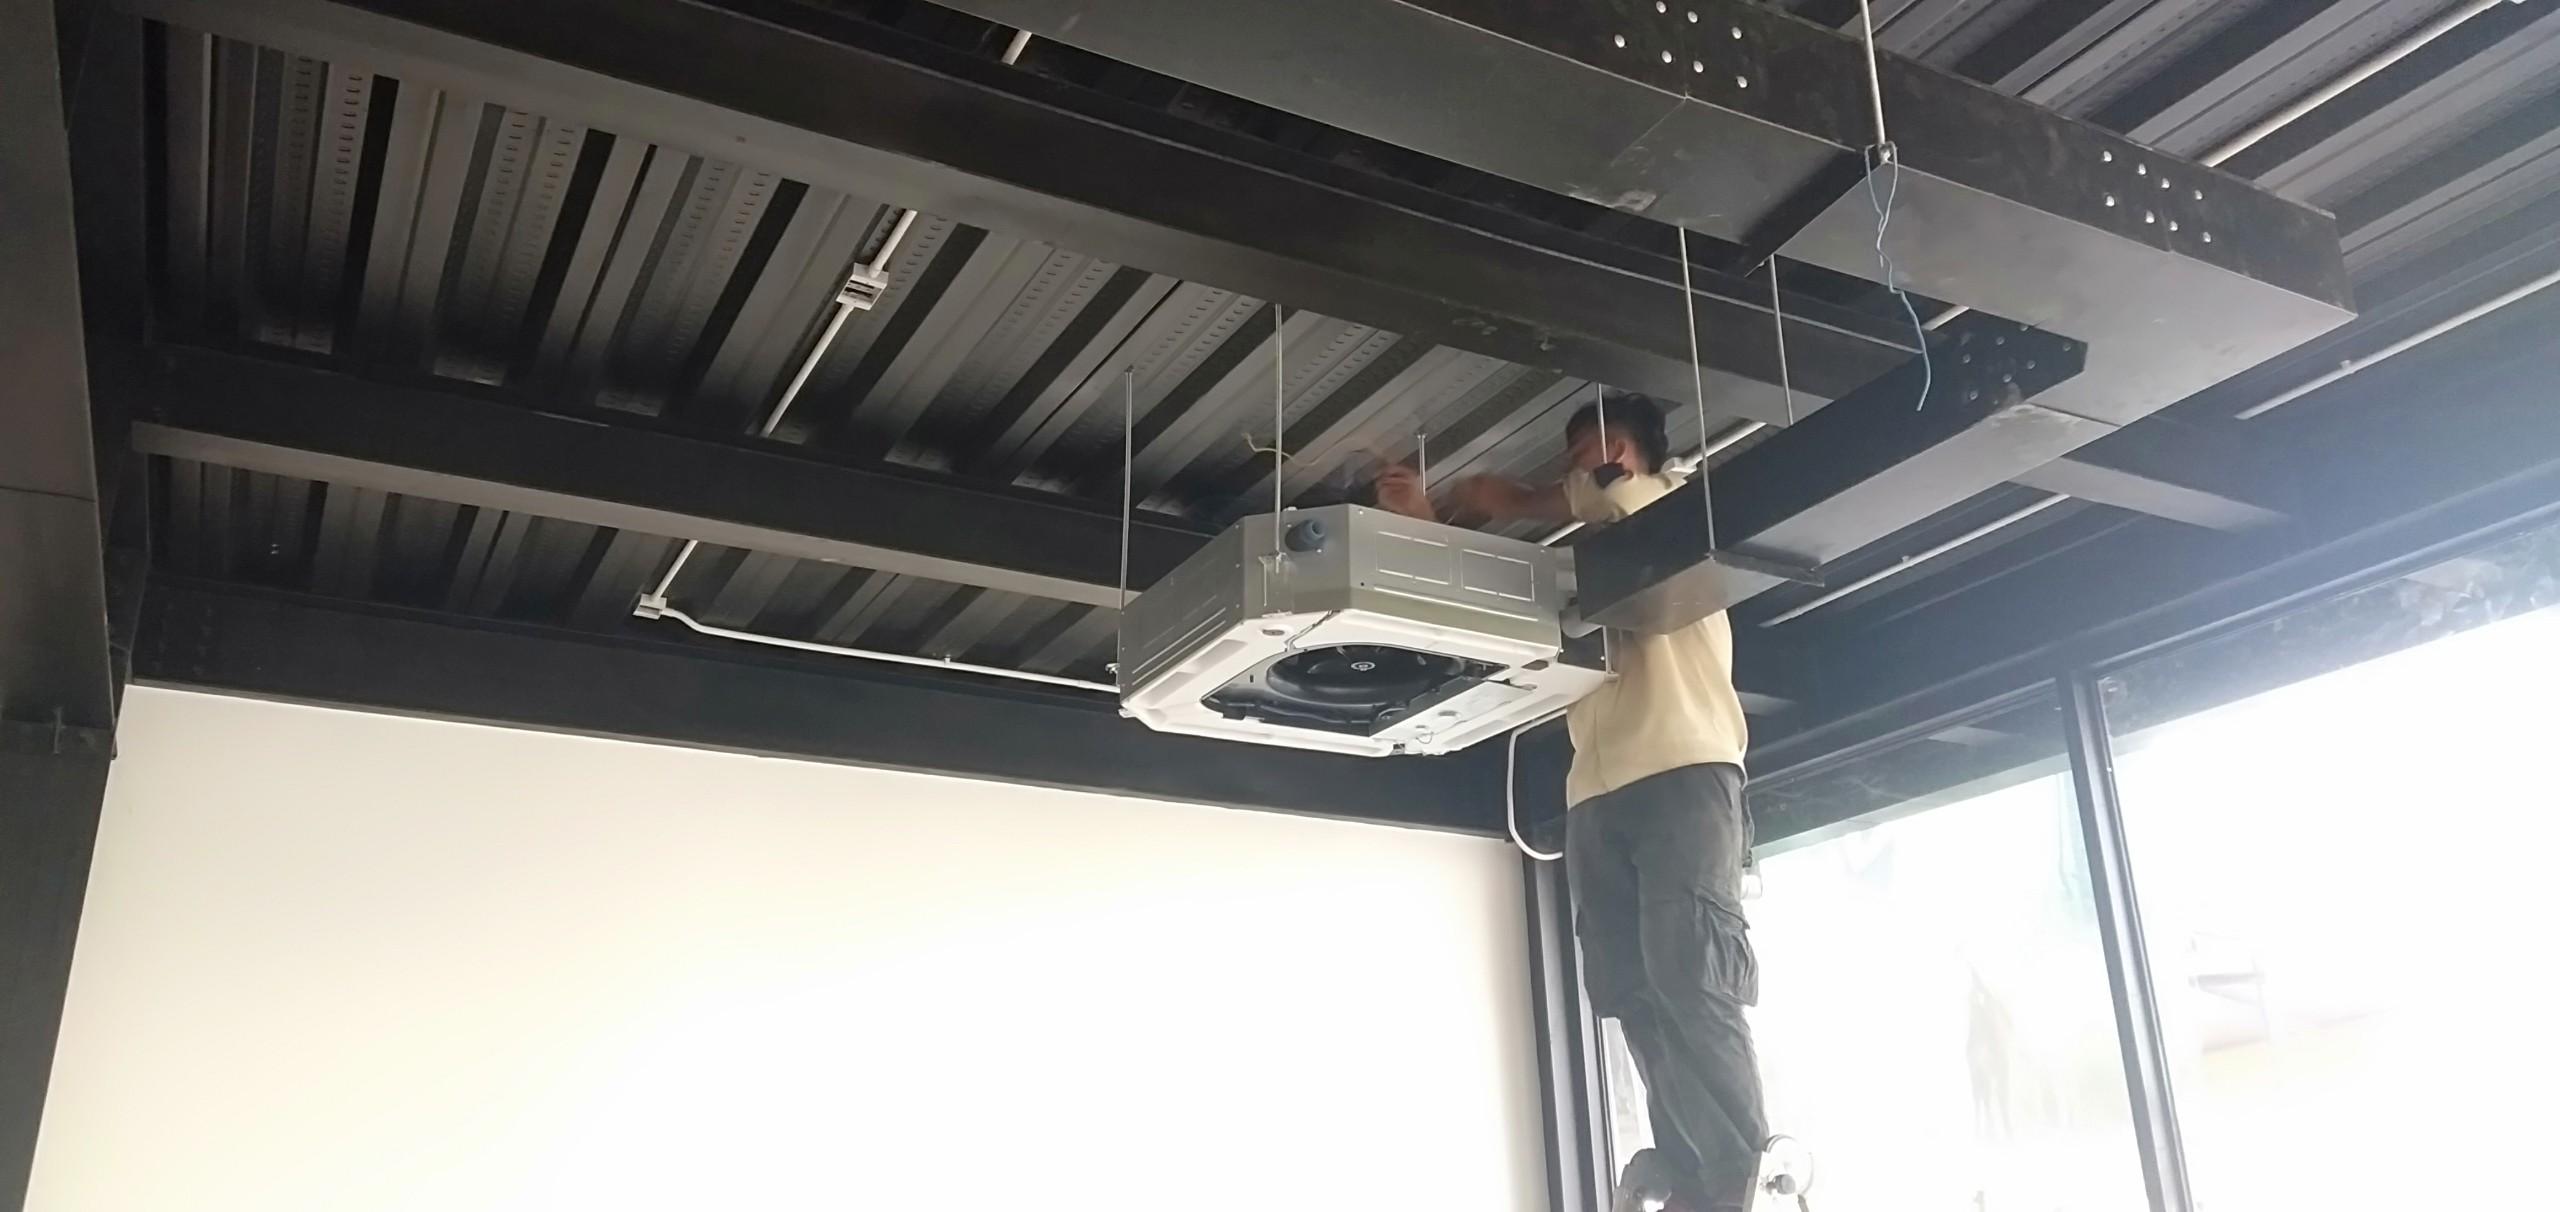 Hướng dẫn lắp đặt máy lạnh âm trần